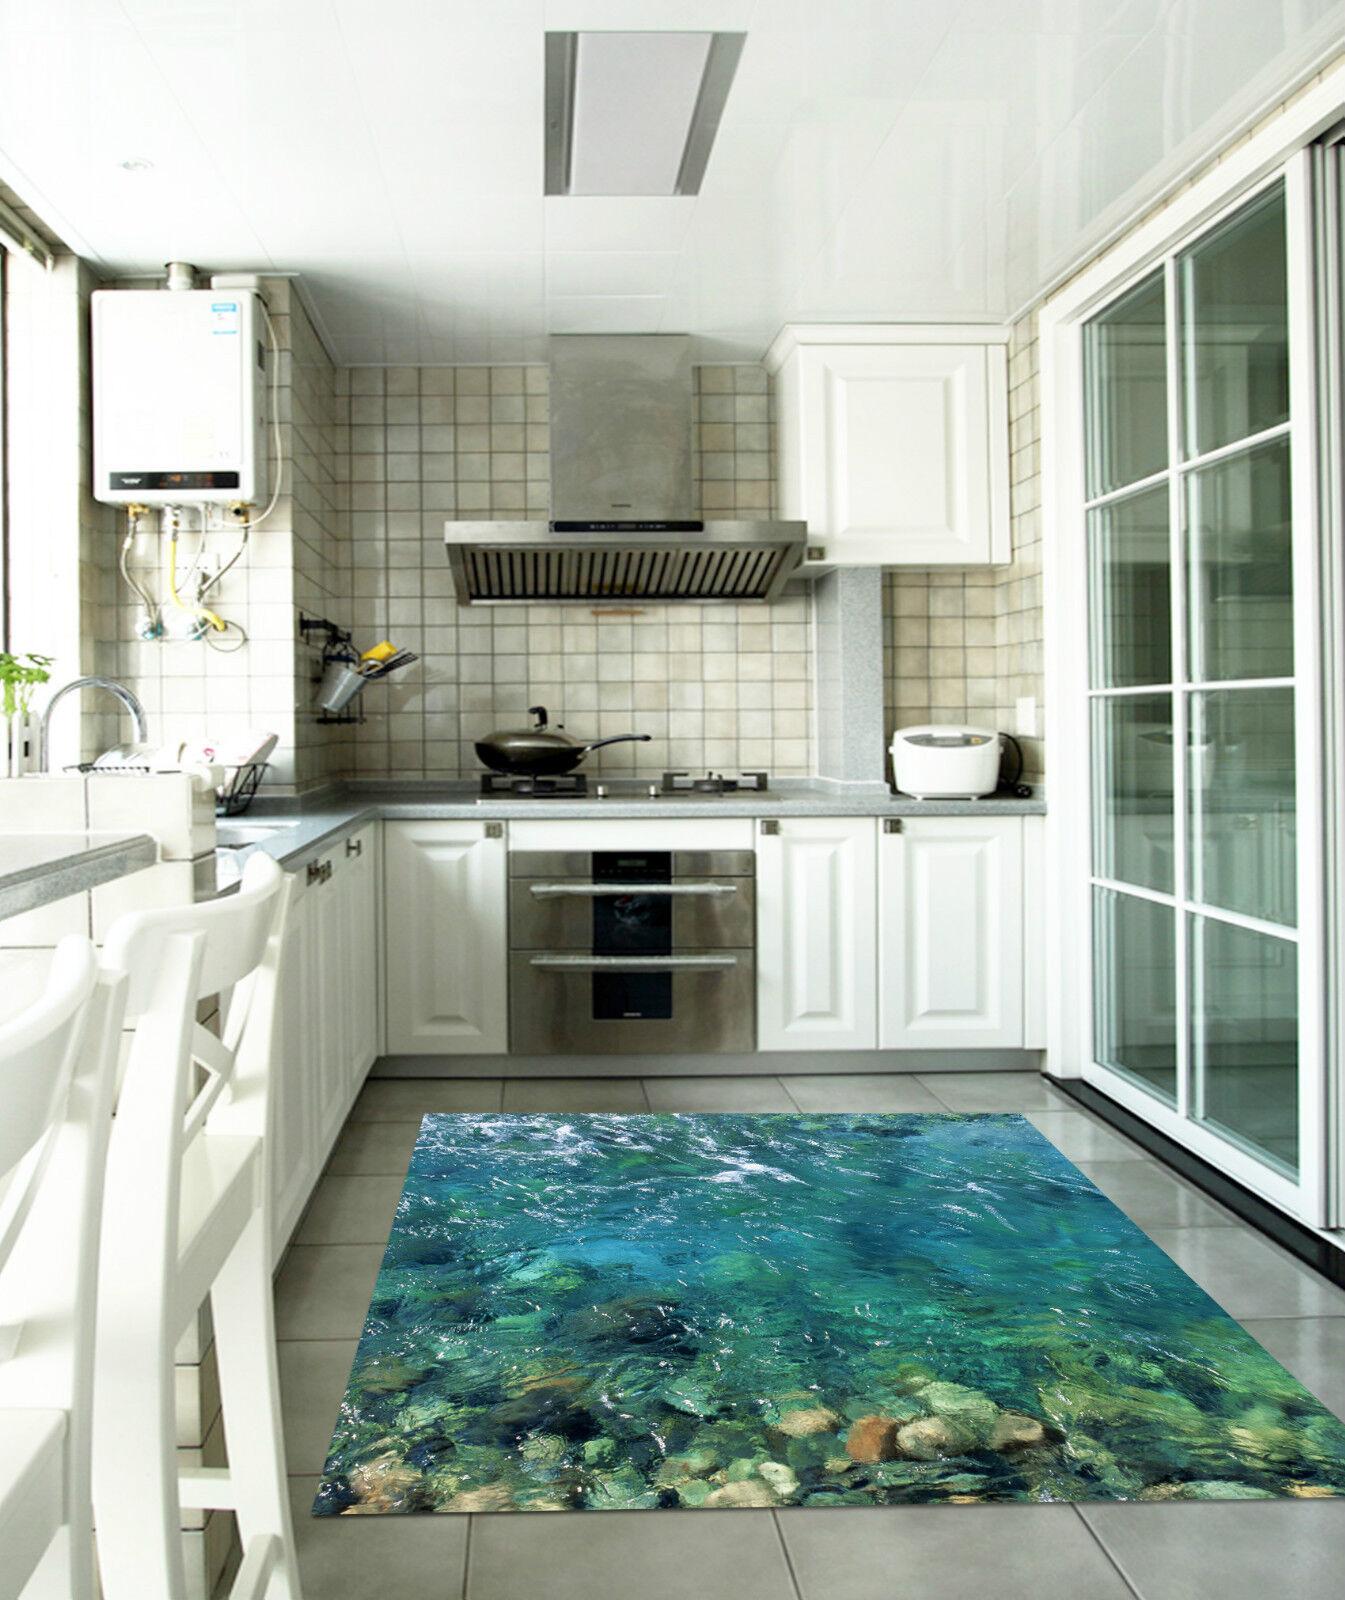 3D Décor Bleue Eau Coulant 011 Décor 3D Mural Murale De Mur De Cuisine AJ WALLPAPER FR 594191